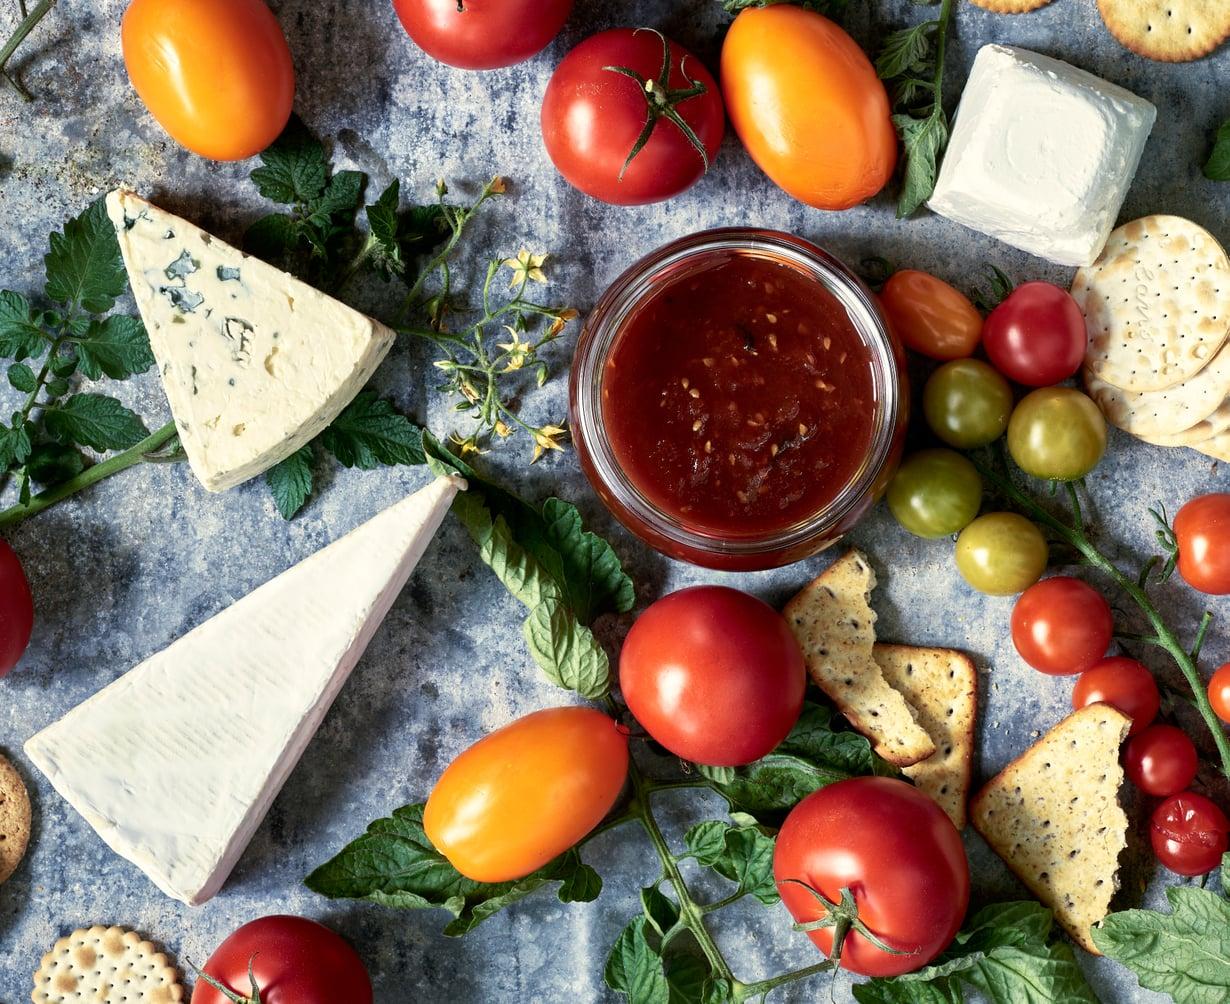 Hienostunut tomaattihillo on täydellinen kumppani juustoille ja sopii lautaselle myös lettujen kanssa.